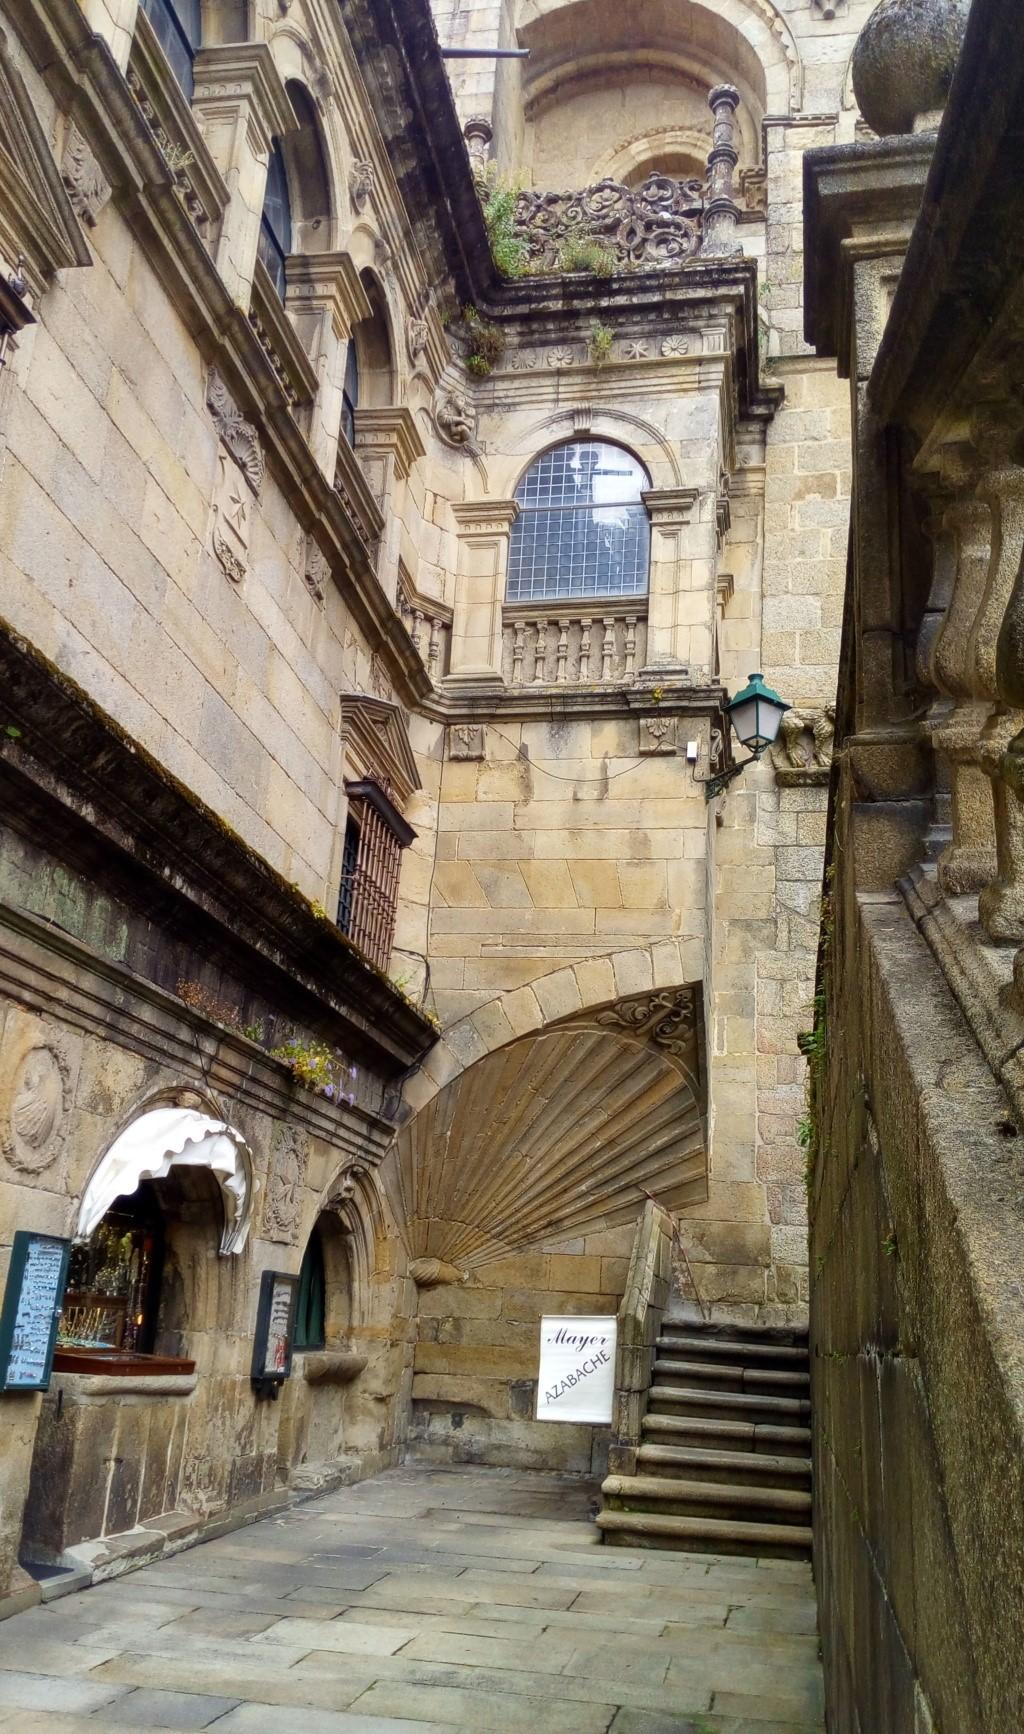 Rincon entre el muro del claustro y la fachada de la Catedral